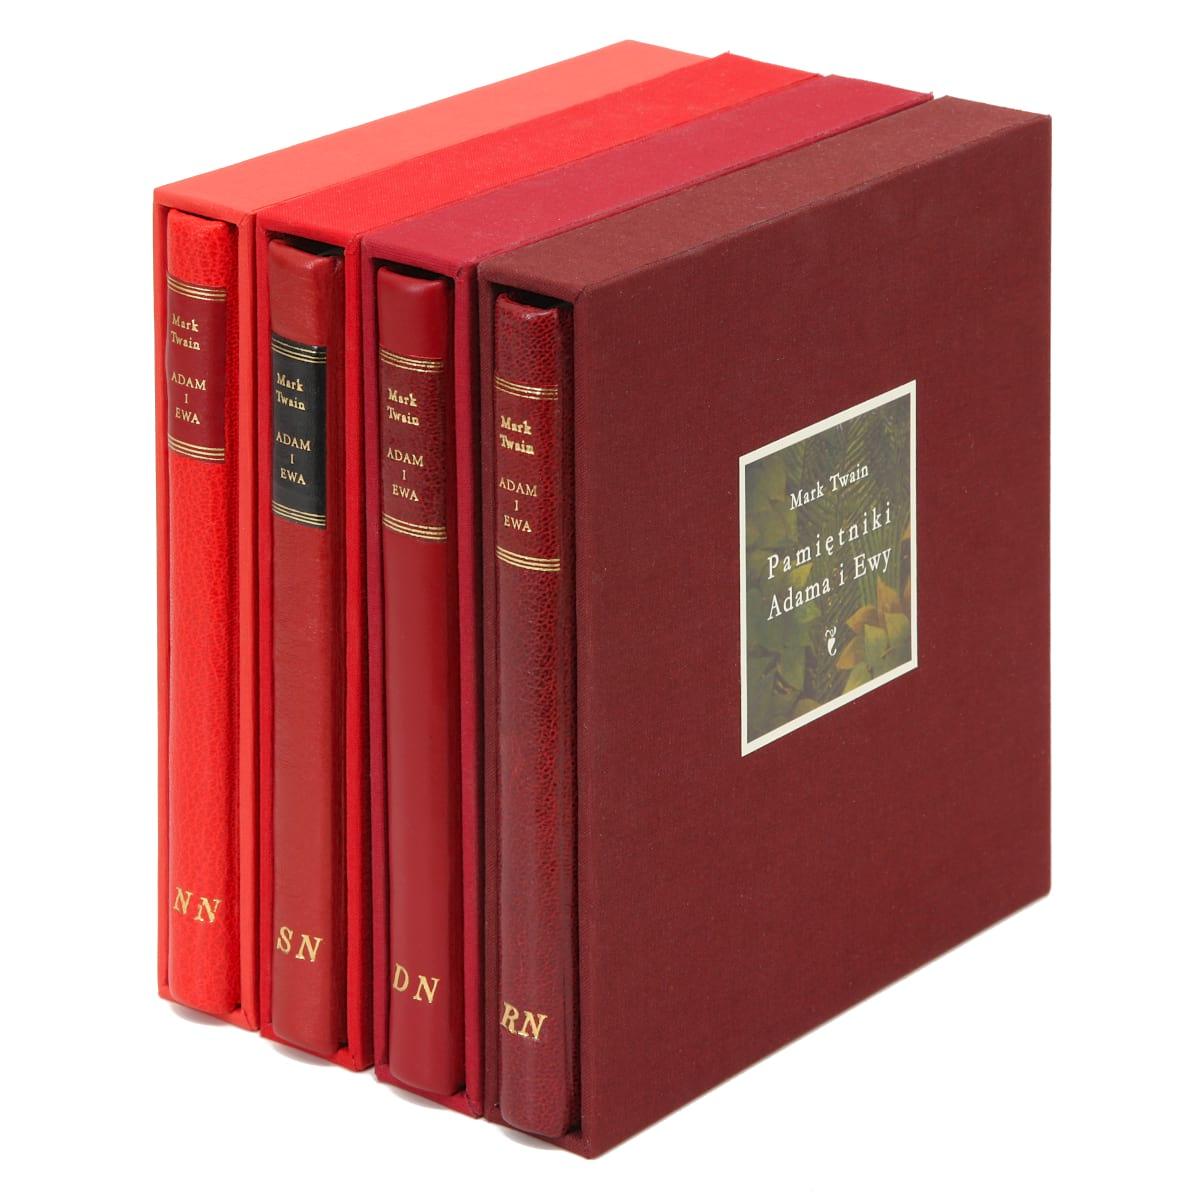 Książki Pamiętniki Adama i Ewy ze spersonalizowanymi inicjałami